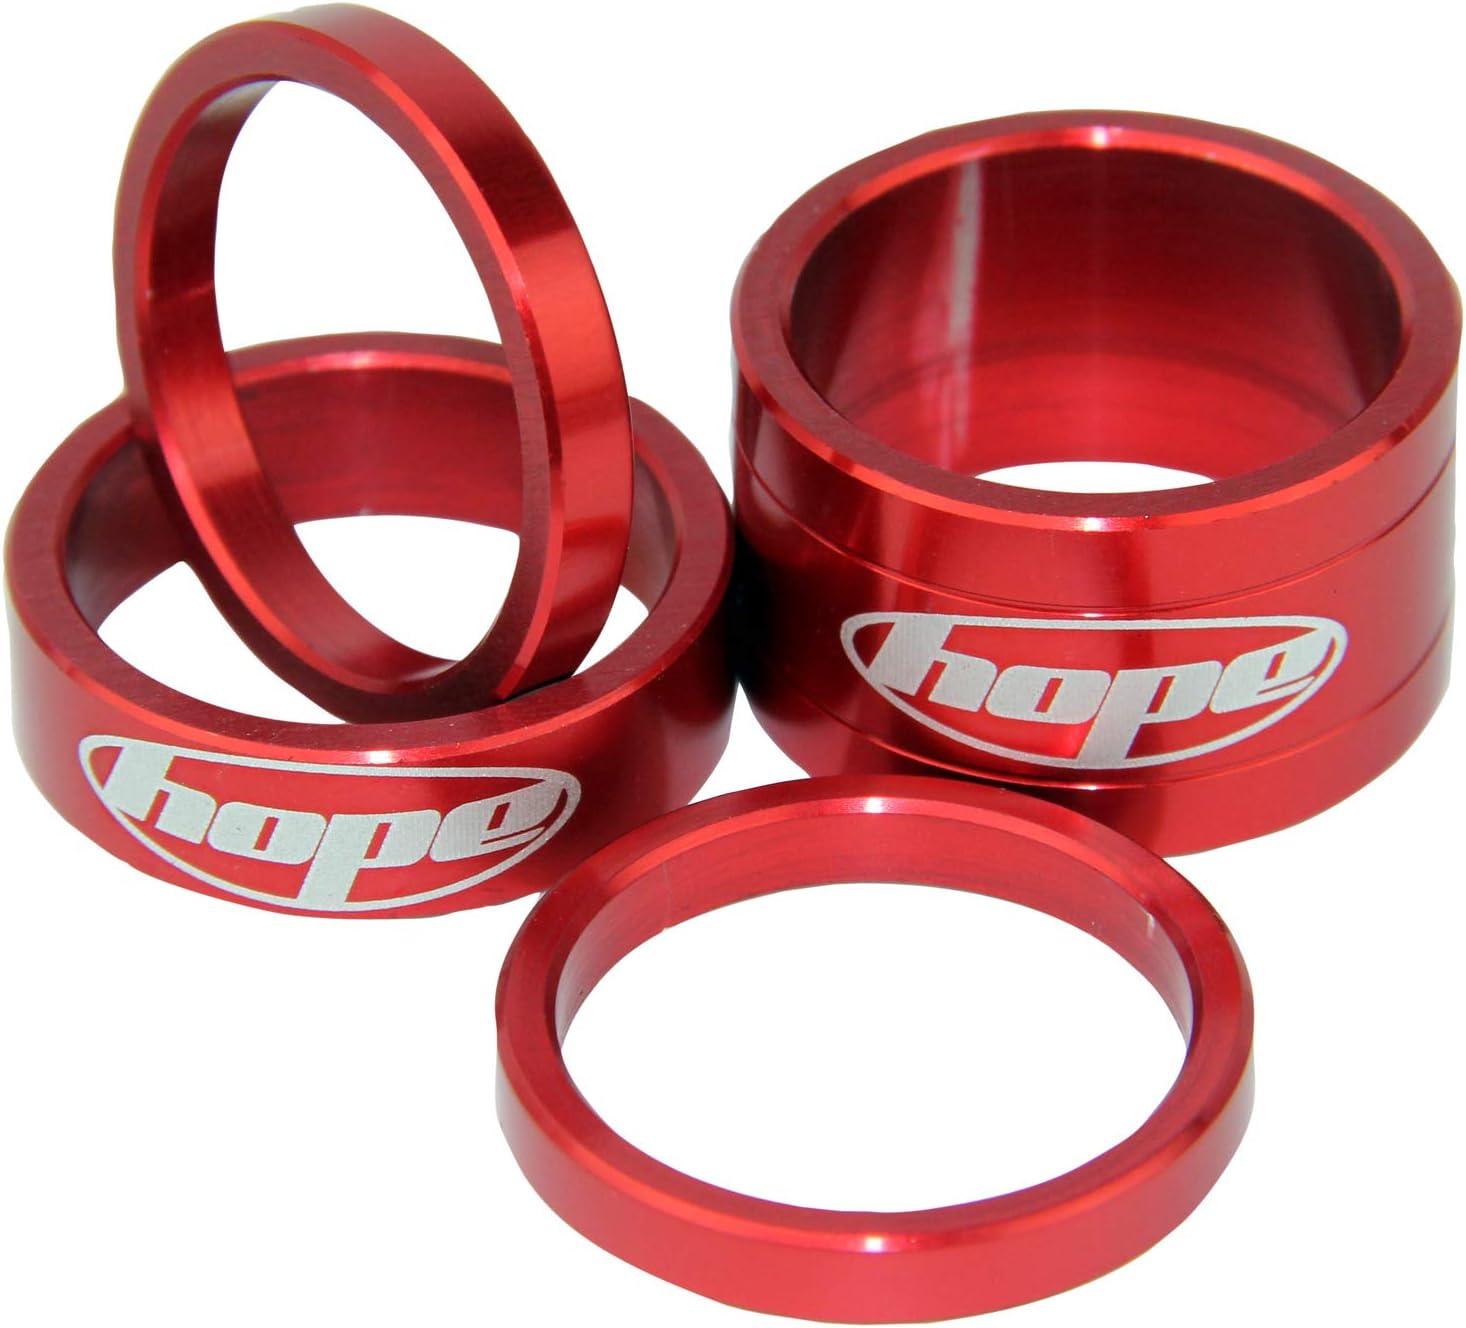 Steuersatz-Spacer HOPE 1 1//8 Aluminium Farbe Rot